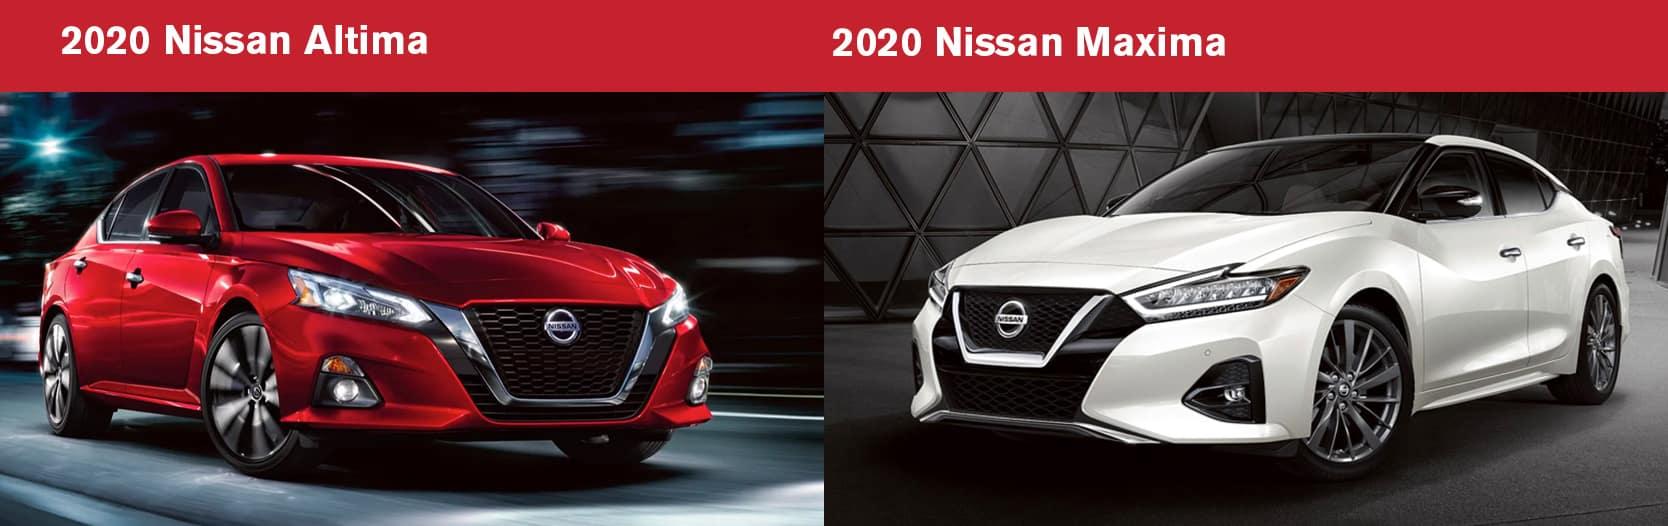 2020 Nissan Altima vs 2020 Nissan Maxima Chicago IL